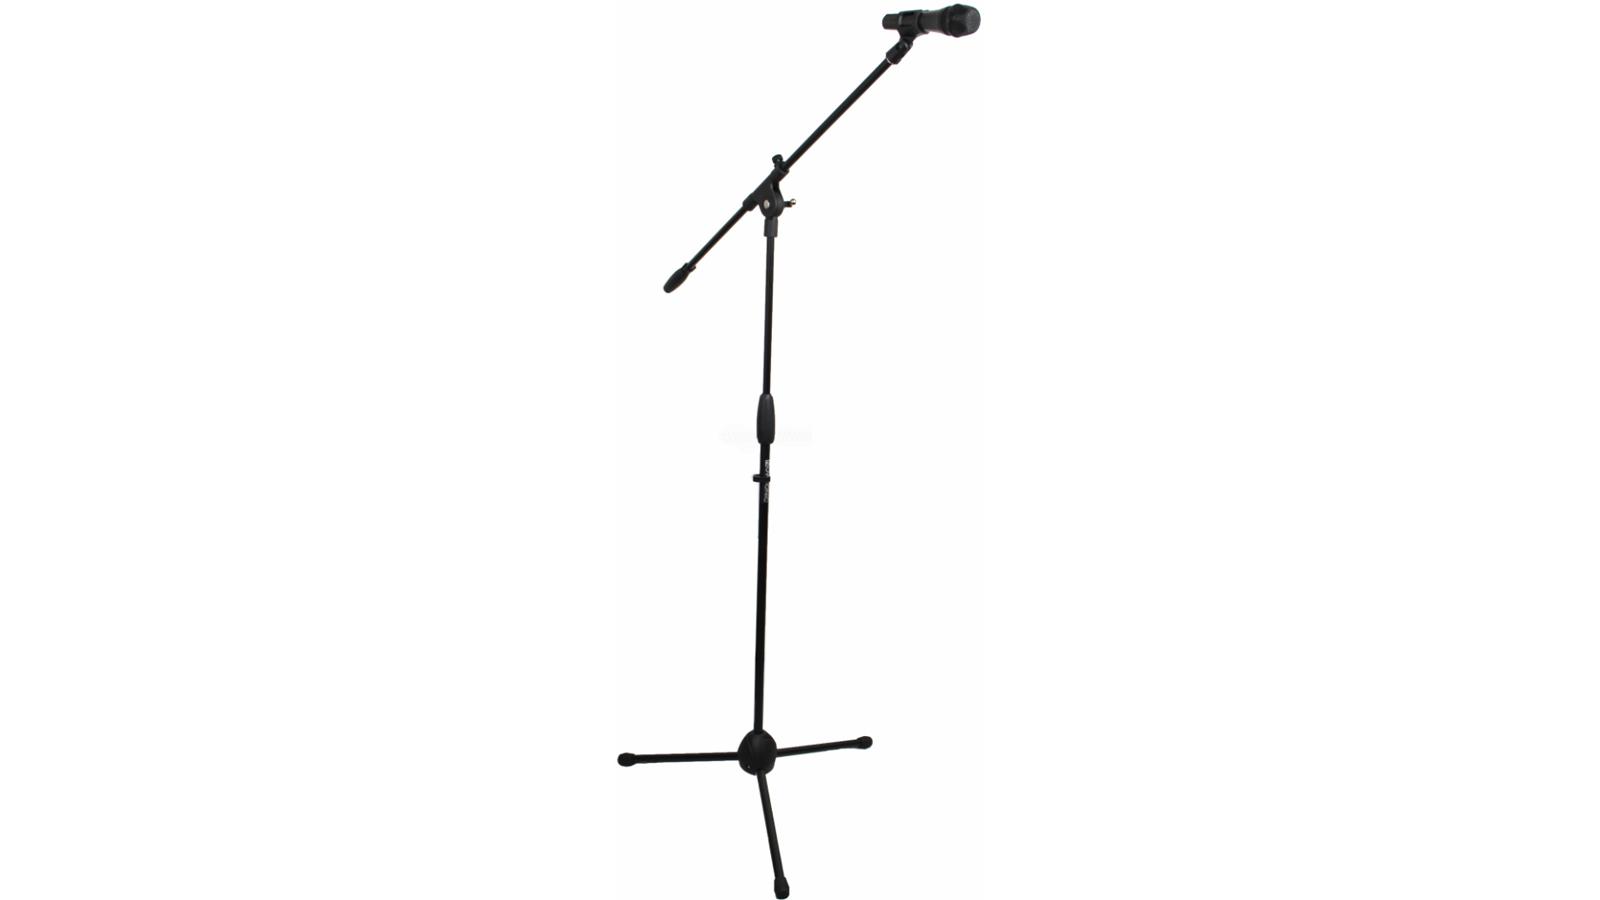 Nowsonic Mikrofon Set mit Tasche, Stativ & Kabel